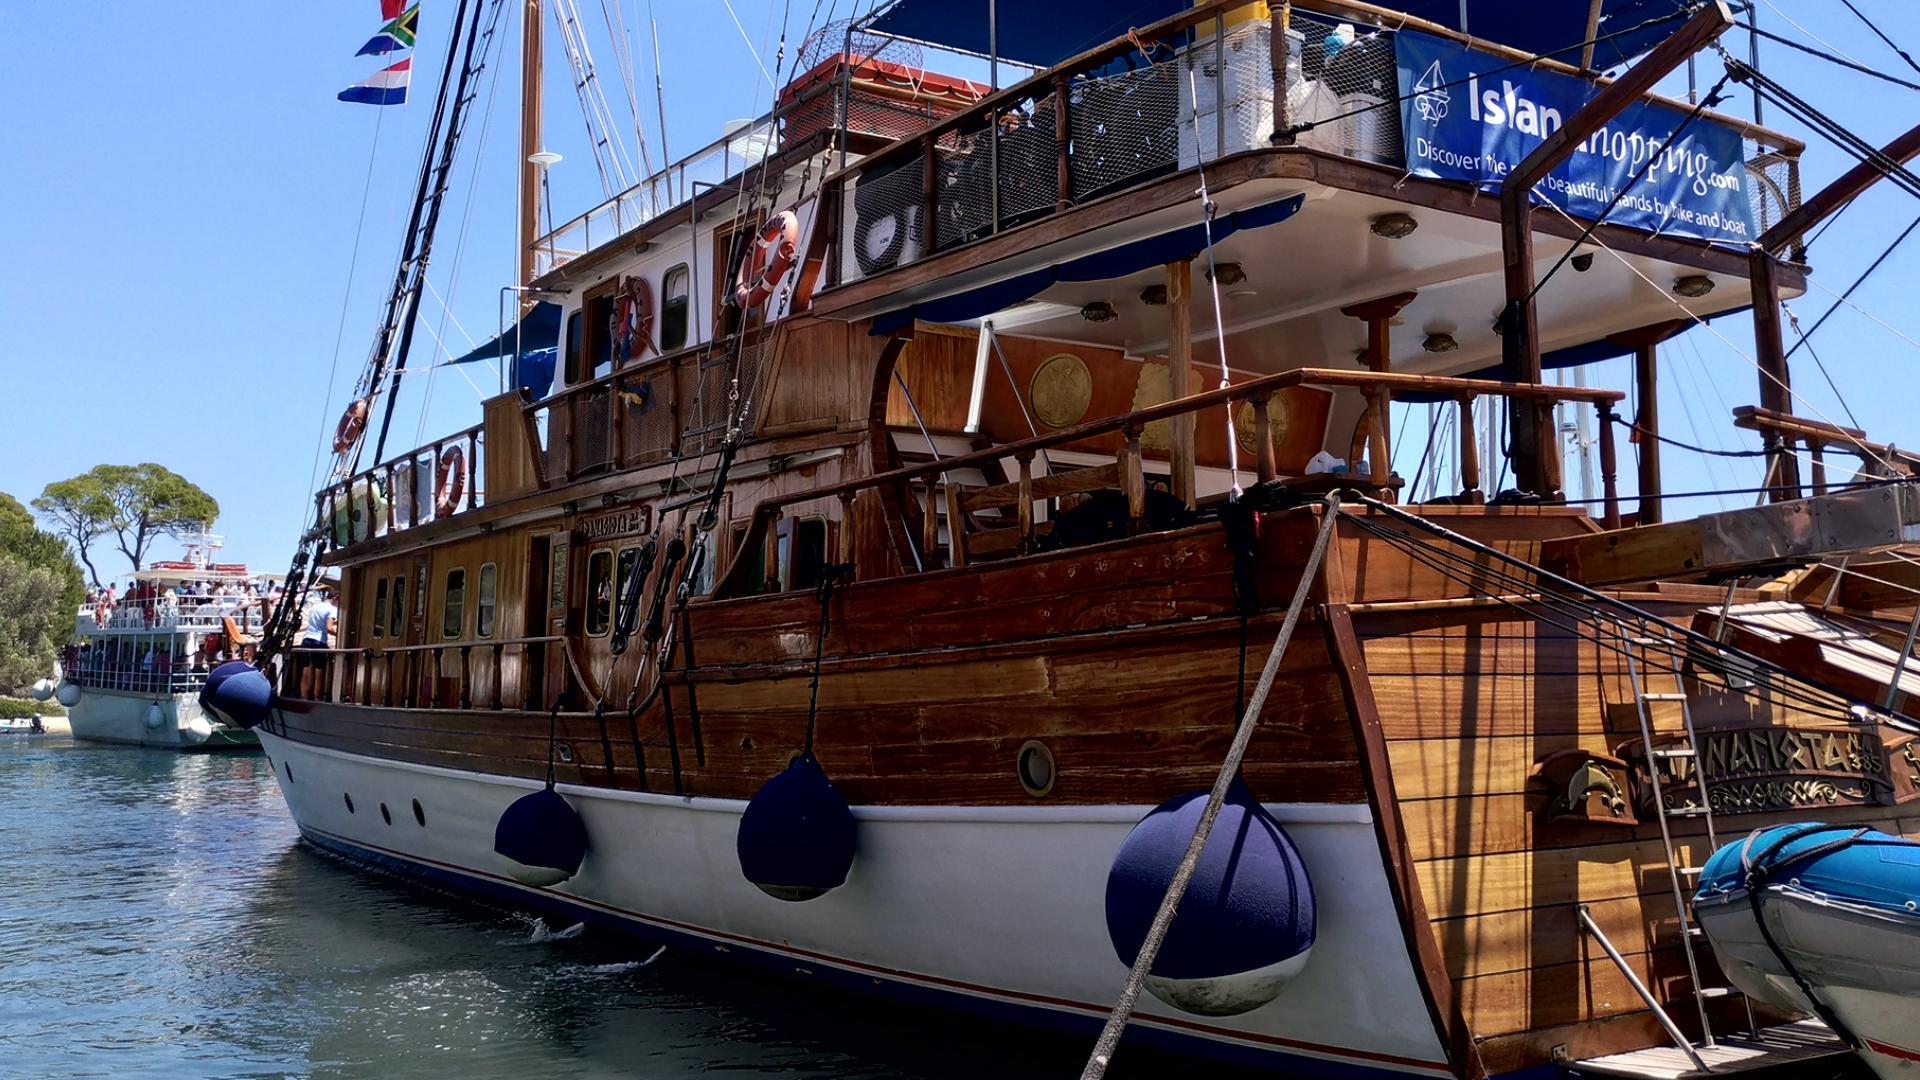 Яхты в порту Гайос. Остров Паксос